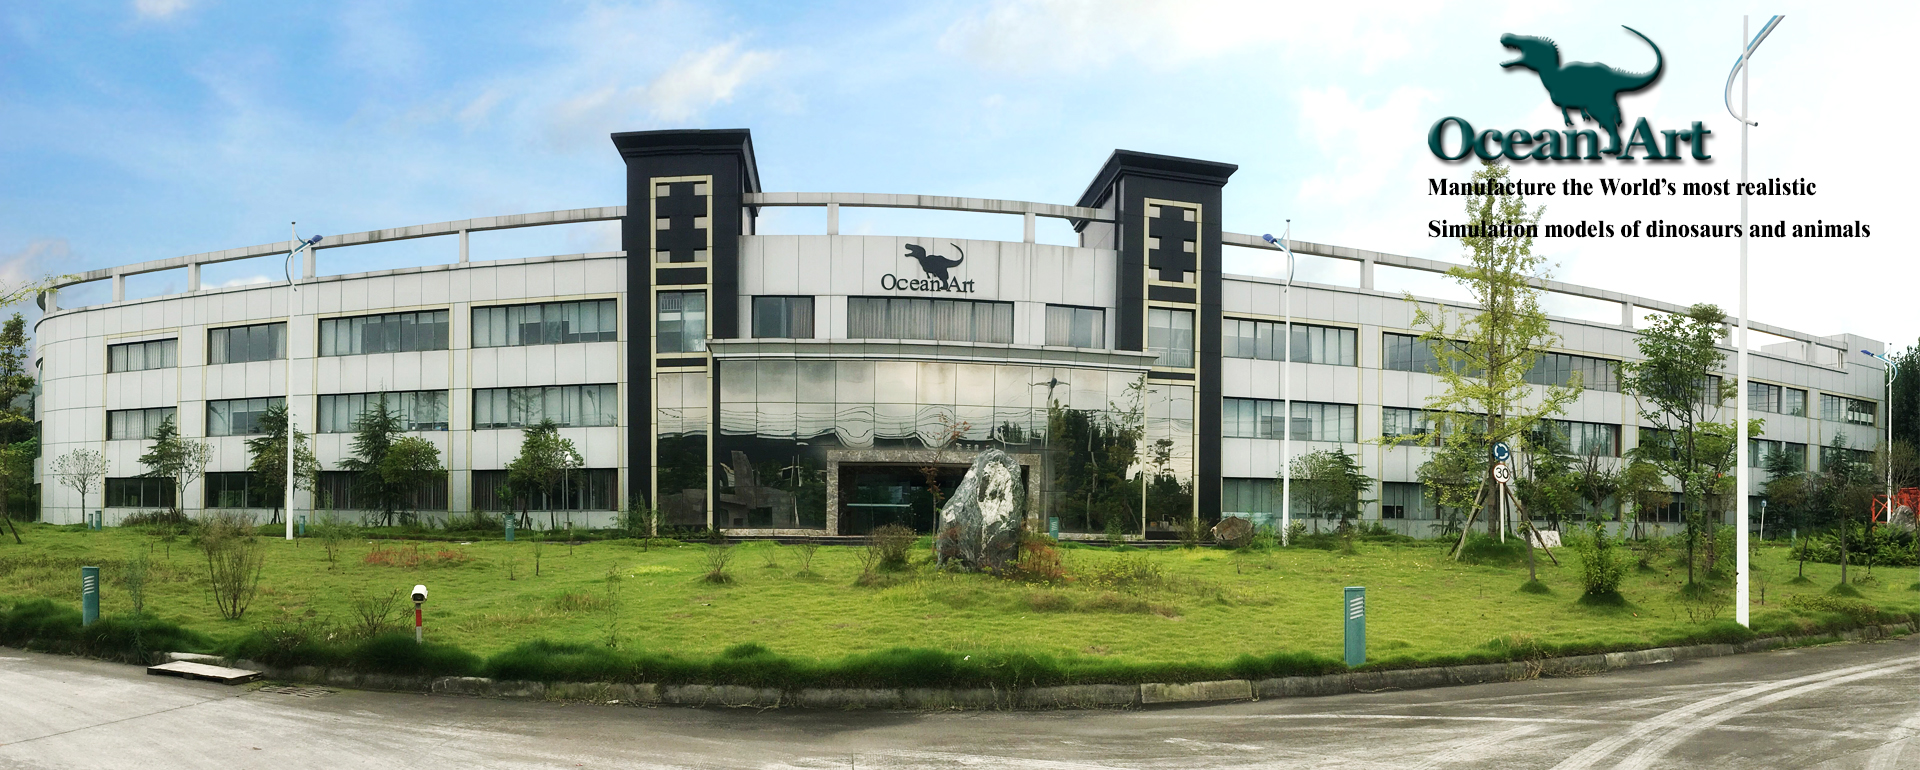 自贡大洋艺术有限责任公司-工厂全景图